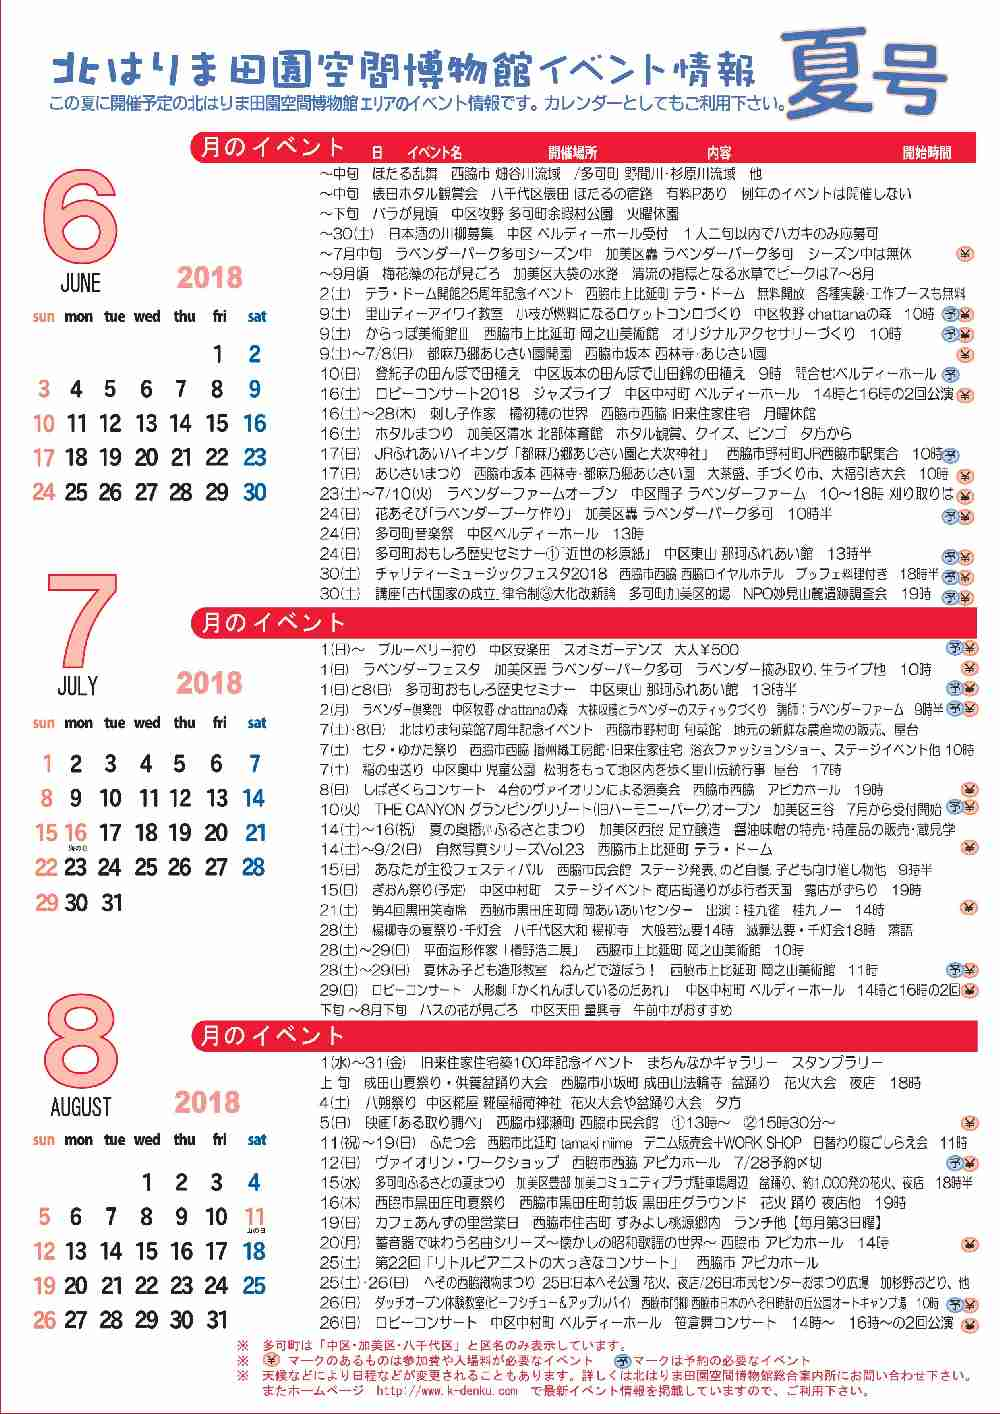 2018夏の見てみてガイド&イベントカレンダー